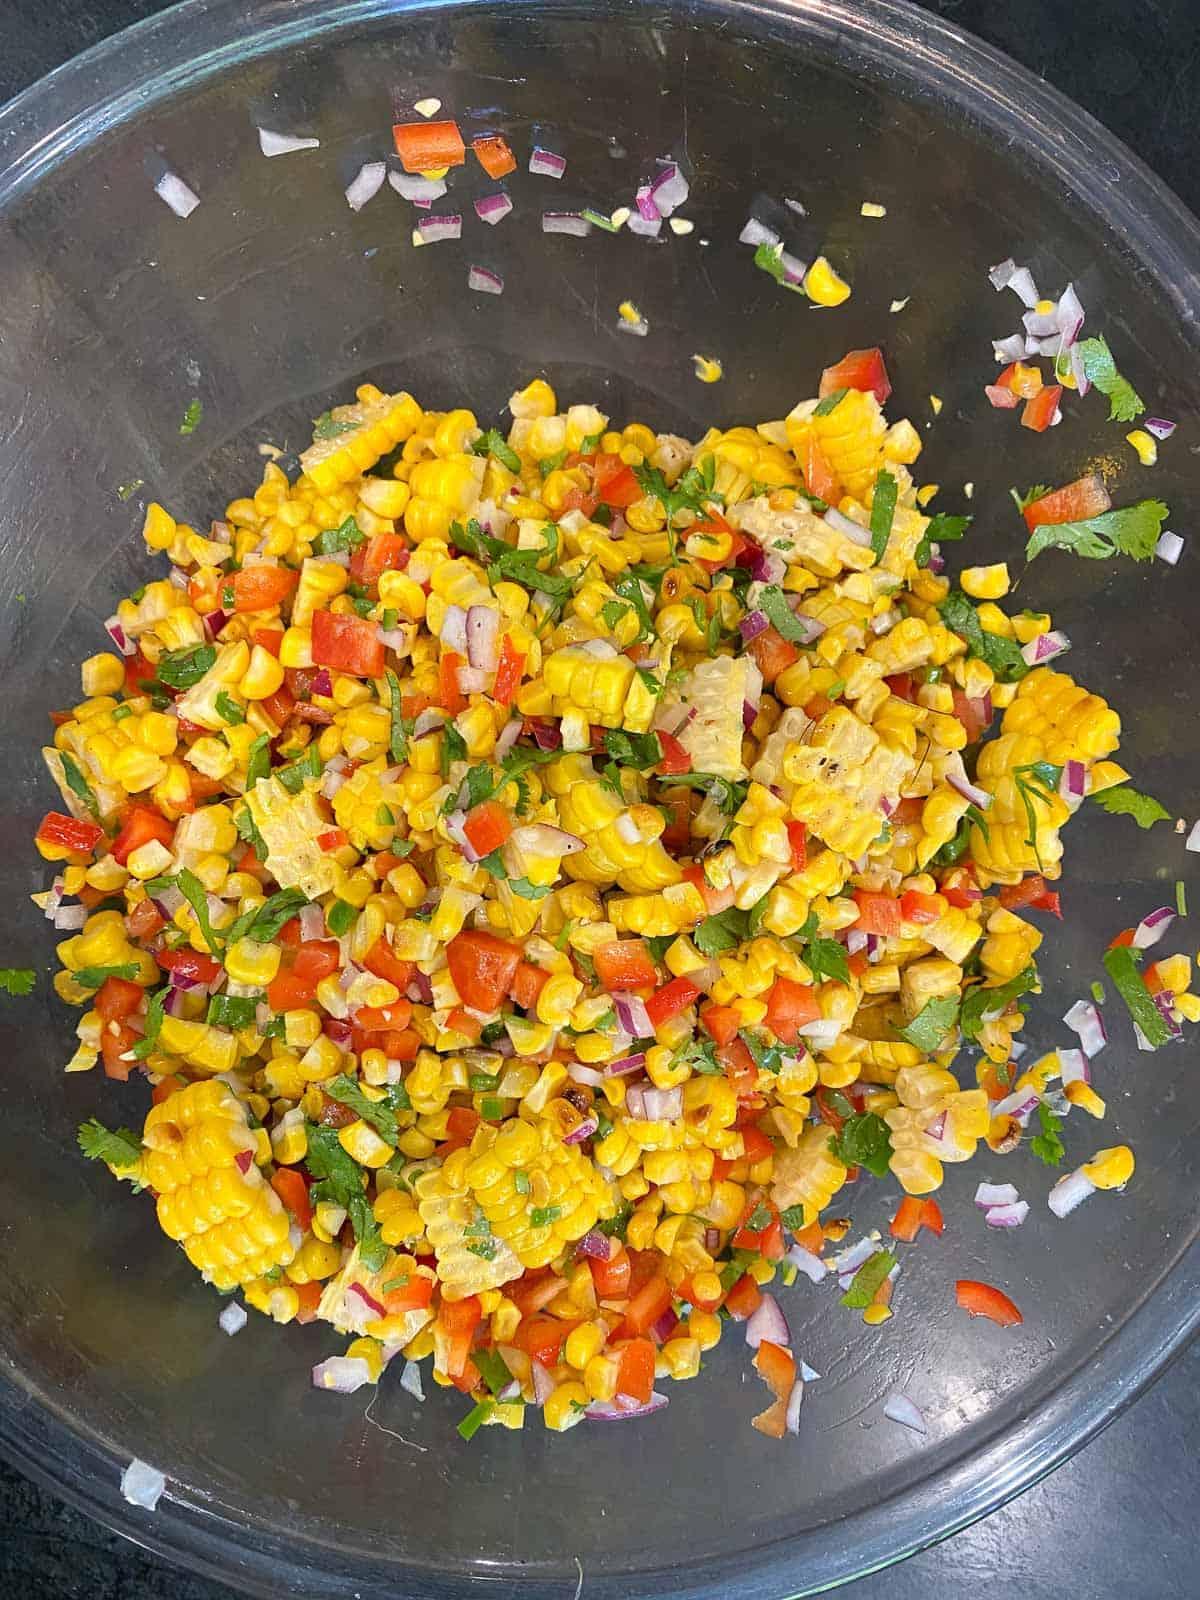 Corn salsa in a bowl.